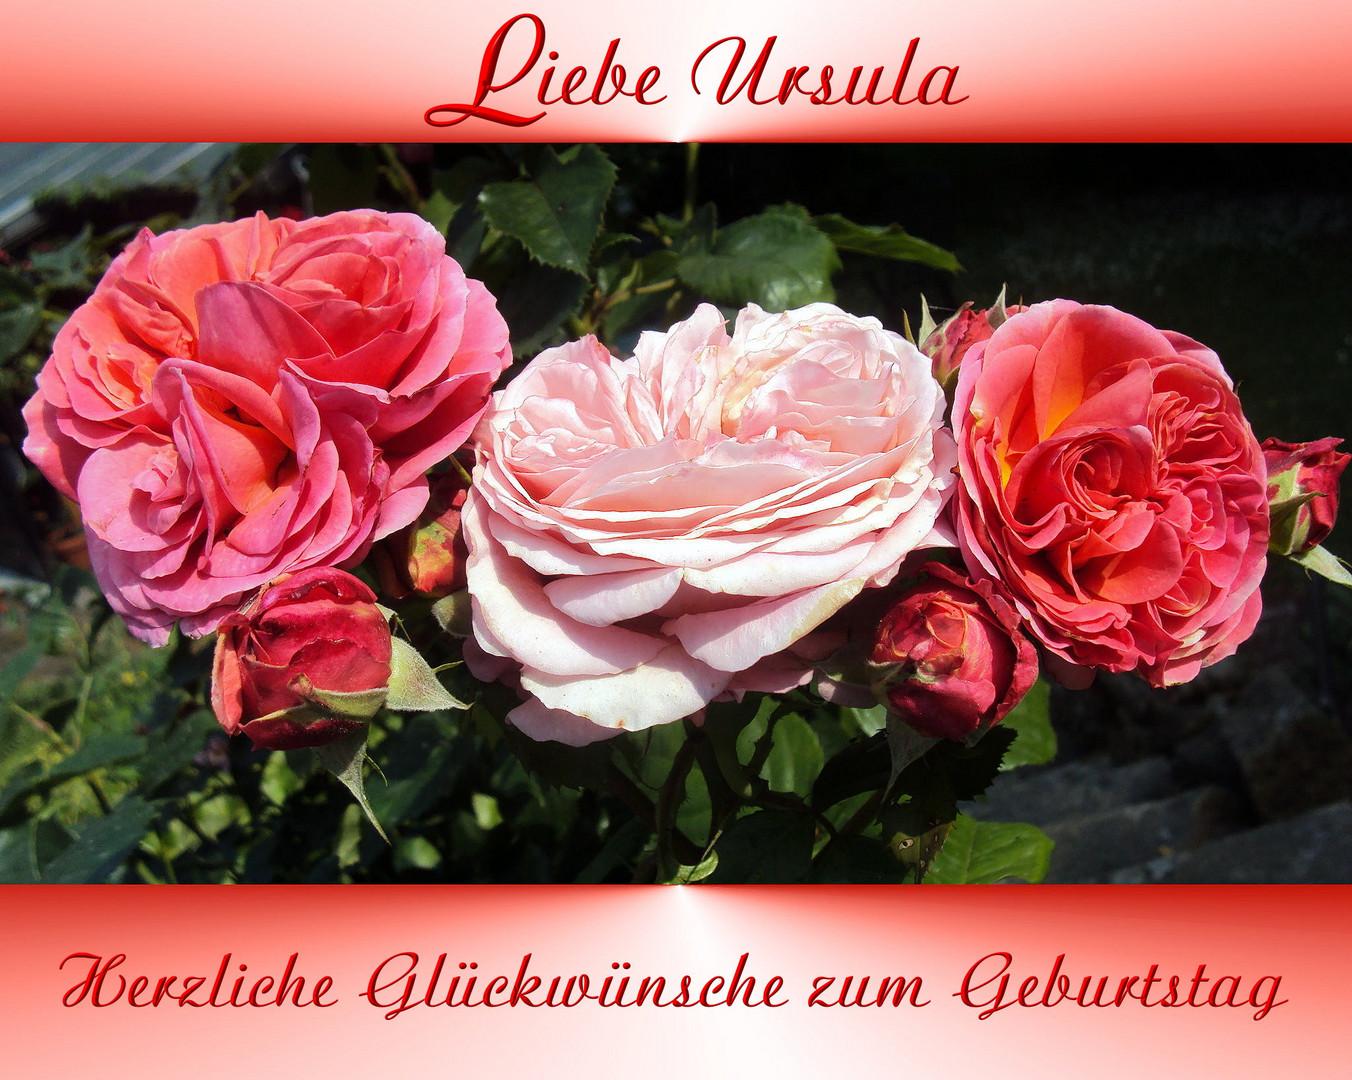 Ursula Hat Geburtstag Foto Bild Spezial Geburtstag Gratulation